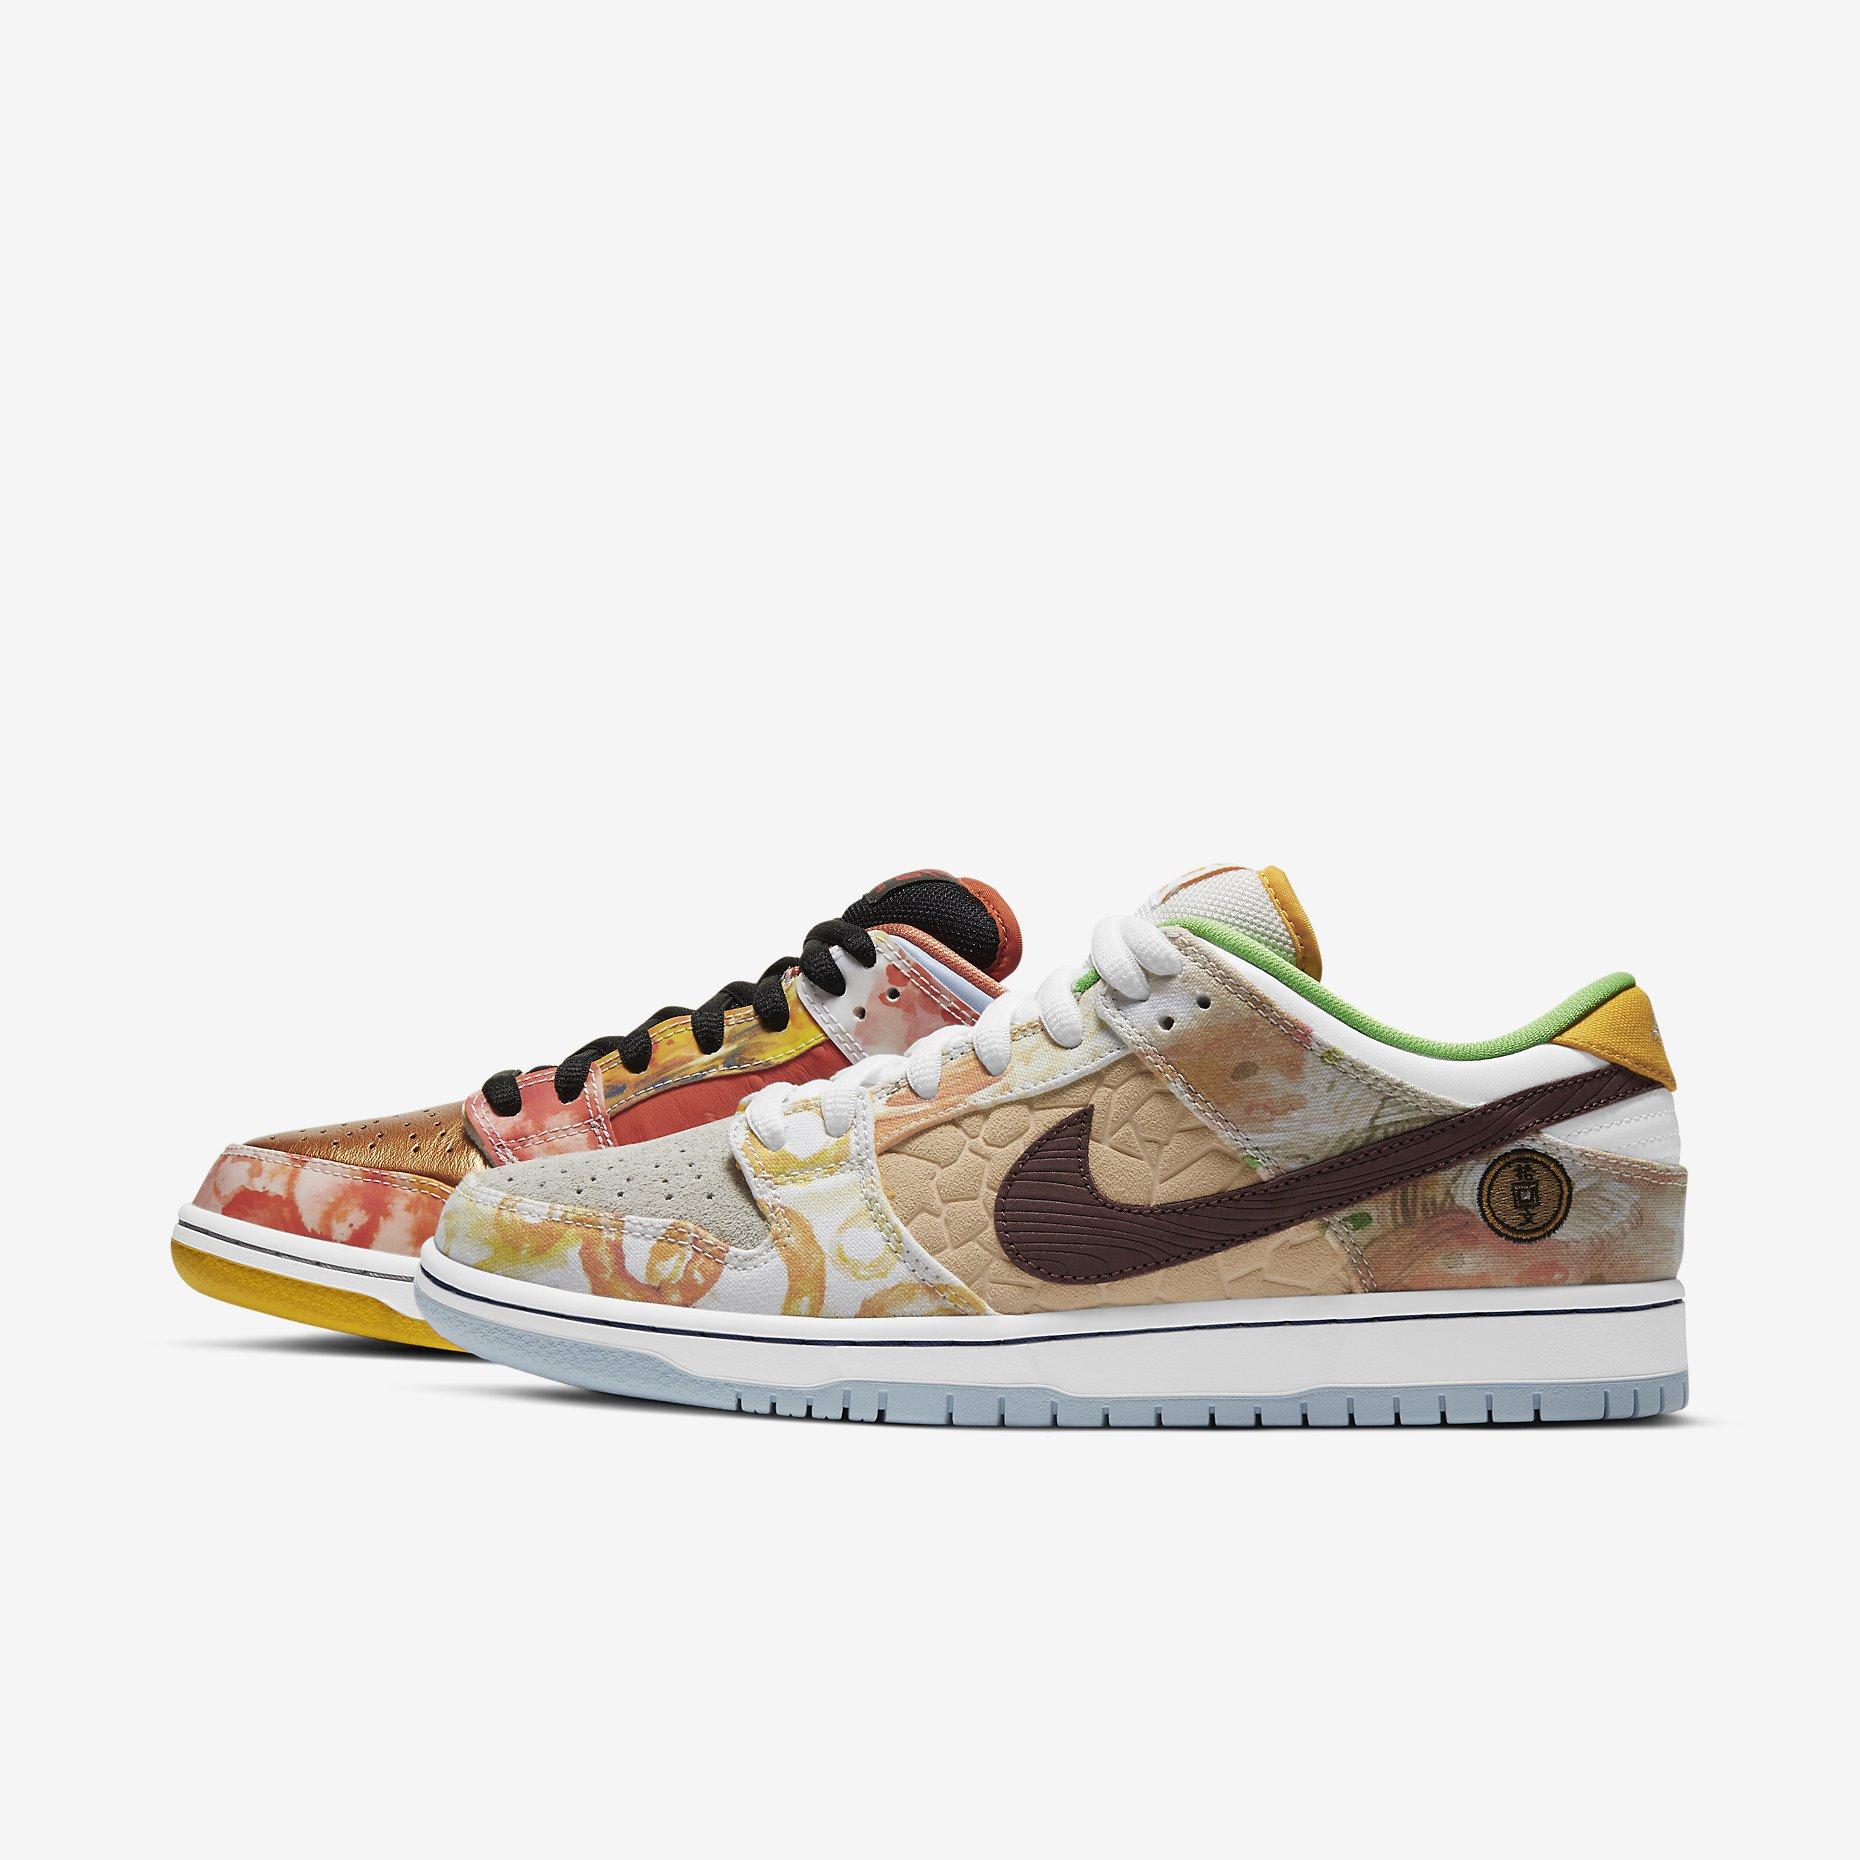 Nike SB Dunk Low Pro 'Street Hawker'